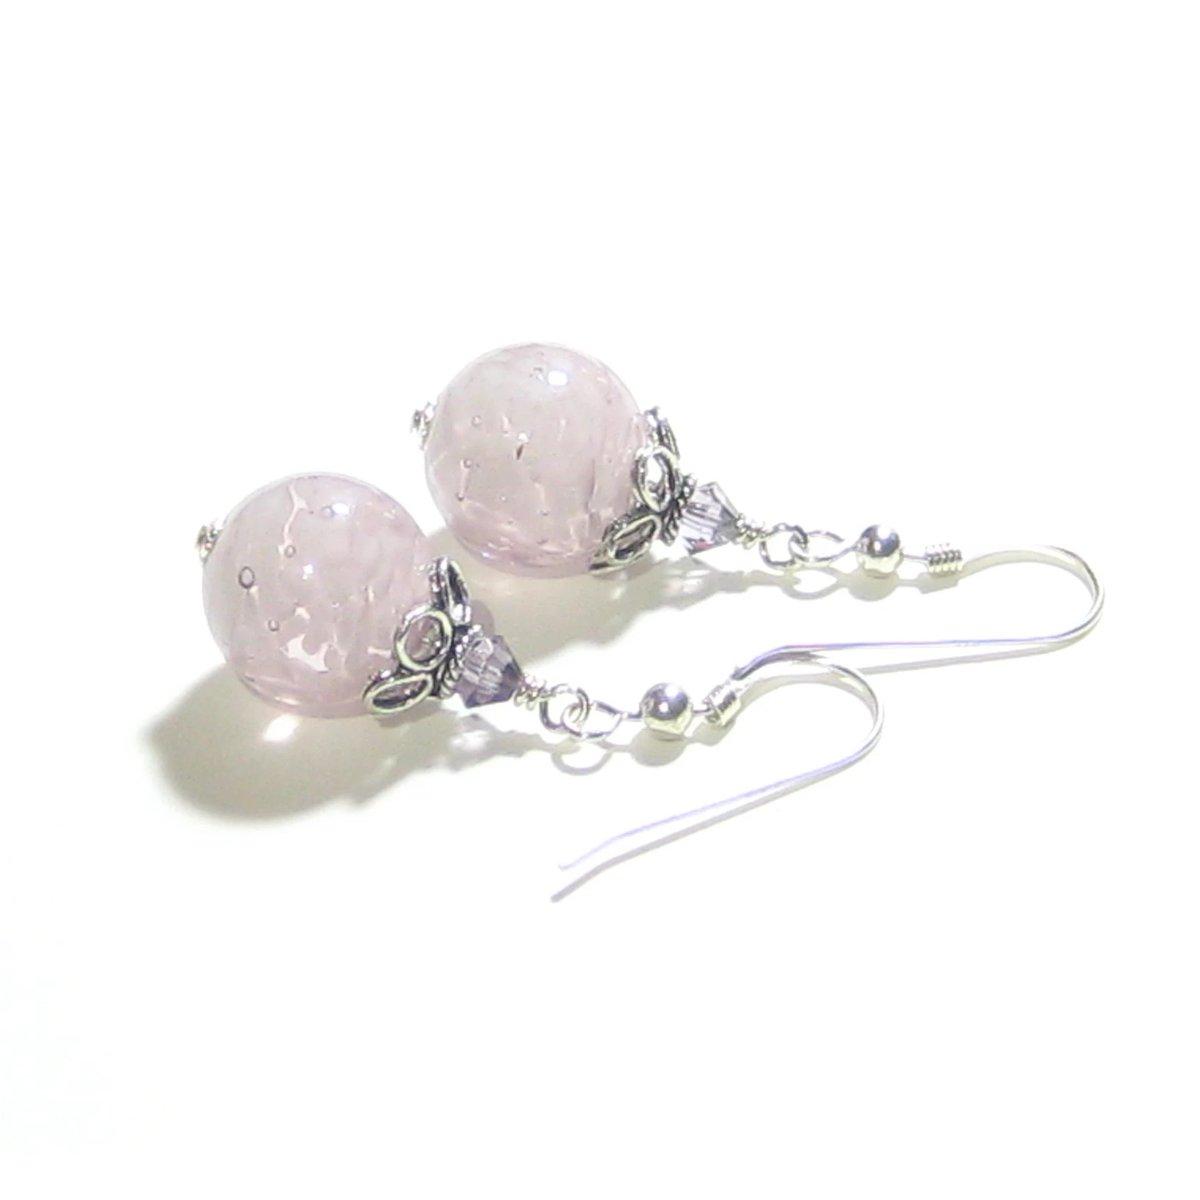 Murano Glass Pale Purple Ball Sterling Silver Earrings  #fashion #murano #etsymntt #earrings #handmade #jewelry